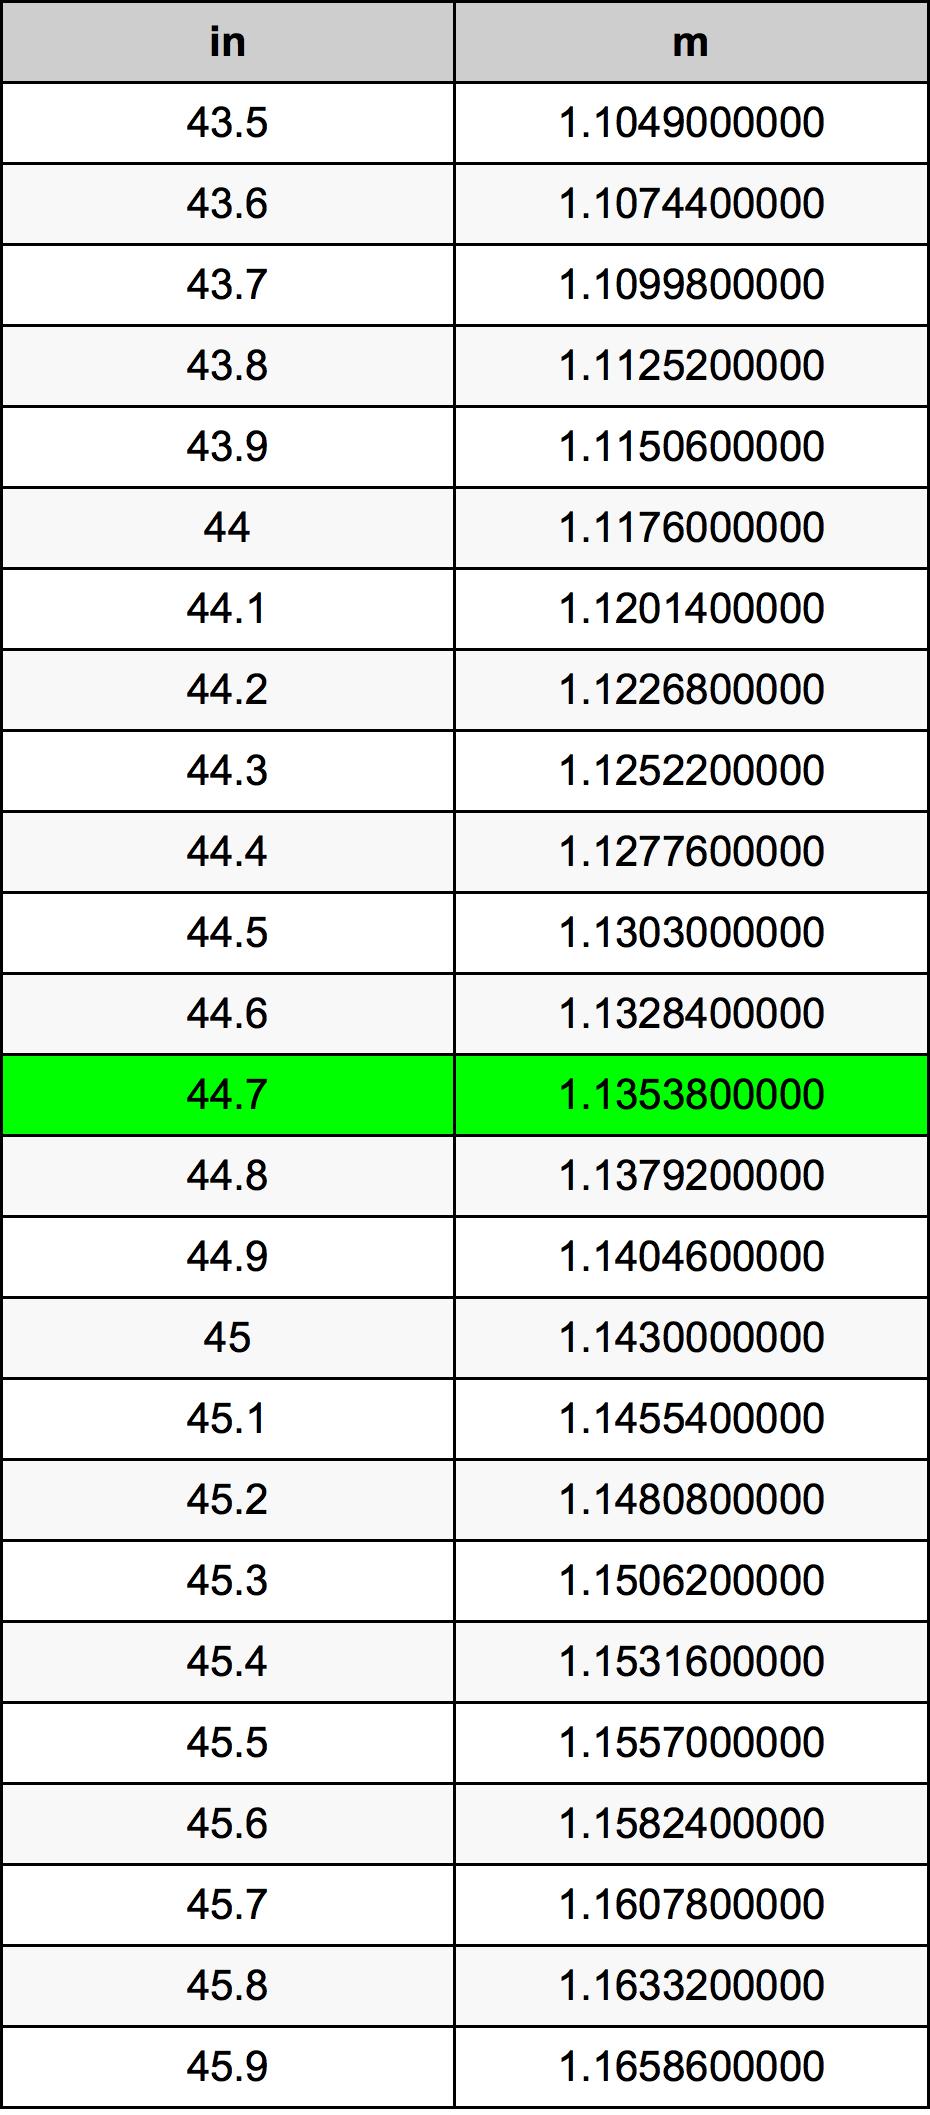 44.7 Inch conversietabel